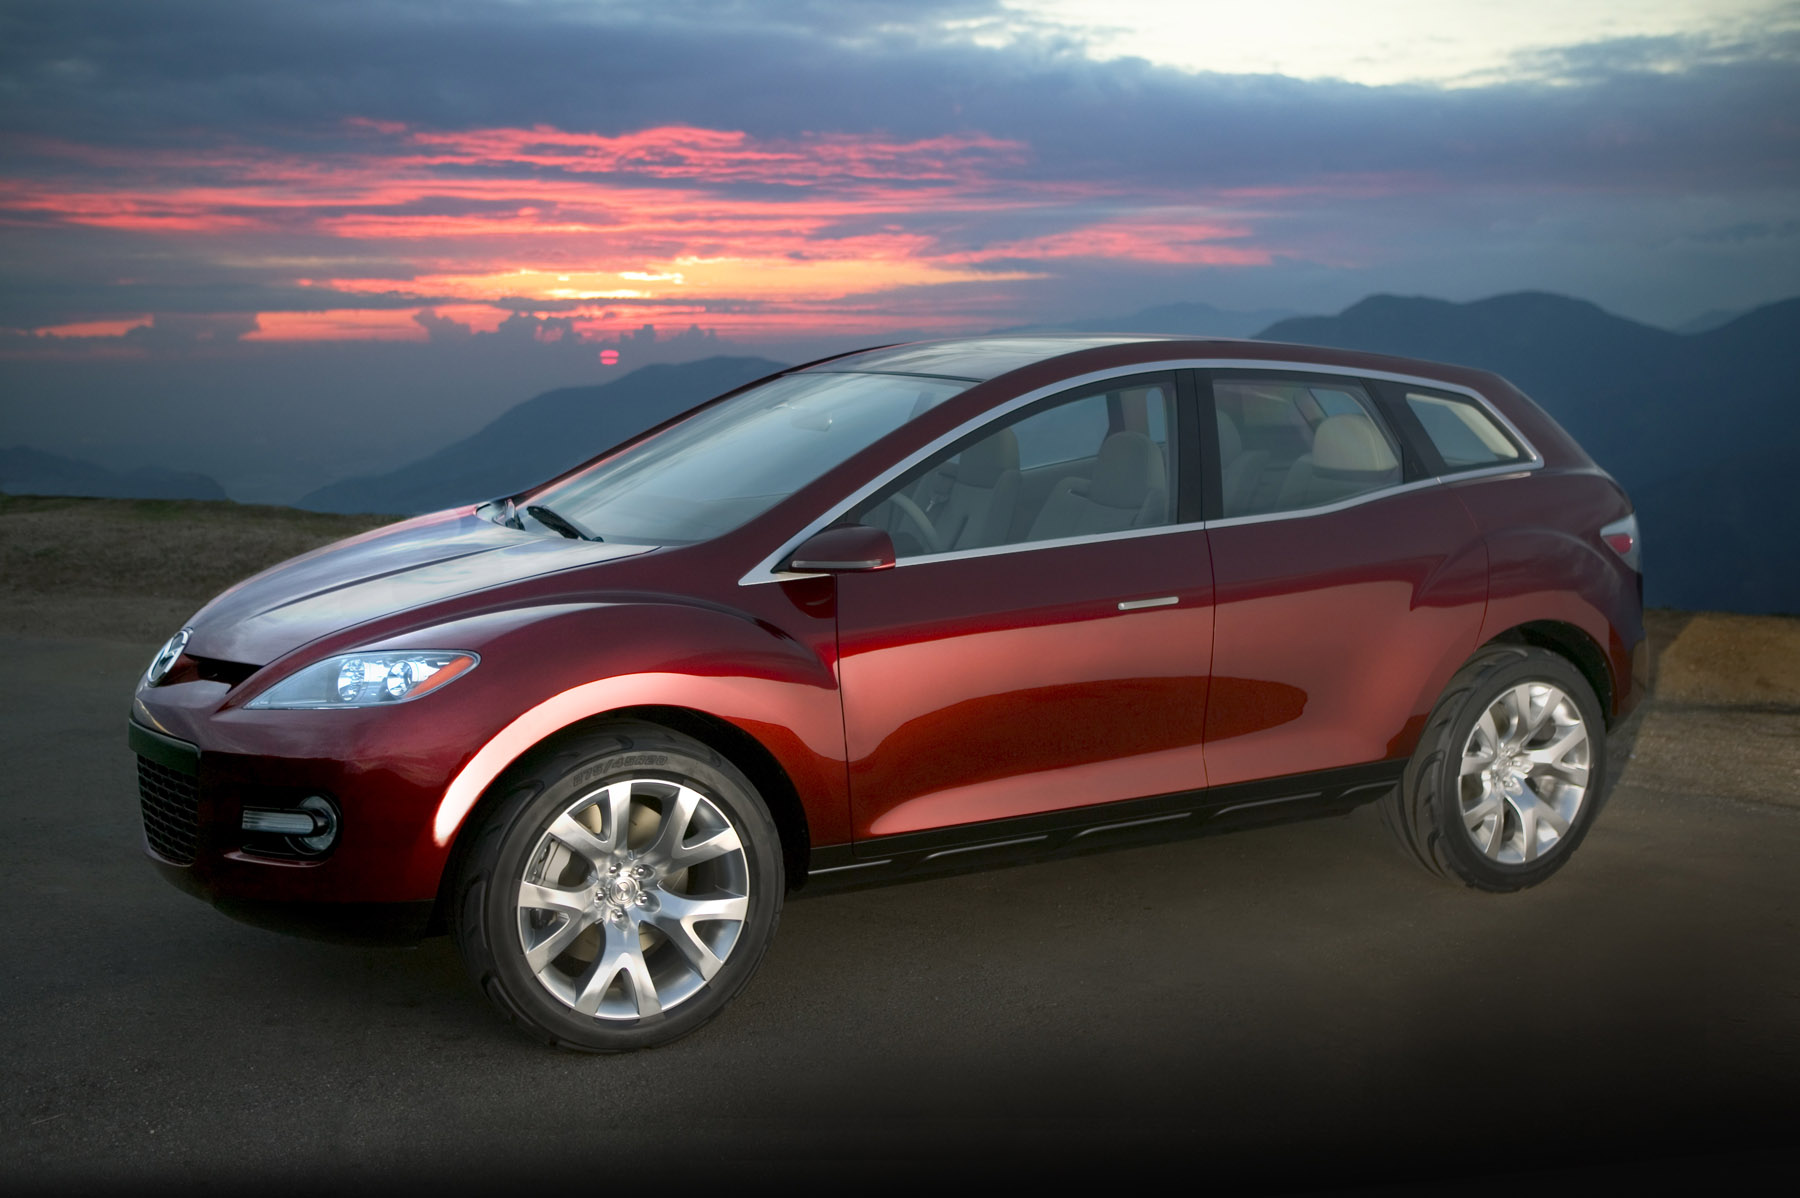 https://www.automobilesreview.com/img/mazda-mx-crossport-concept/mazda-mx-crossport-concept-09.jpg